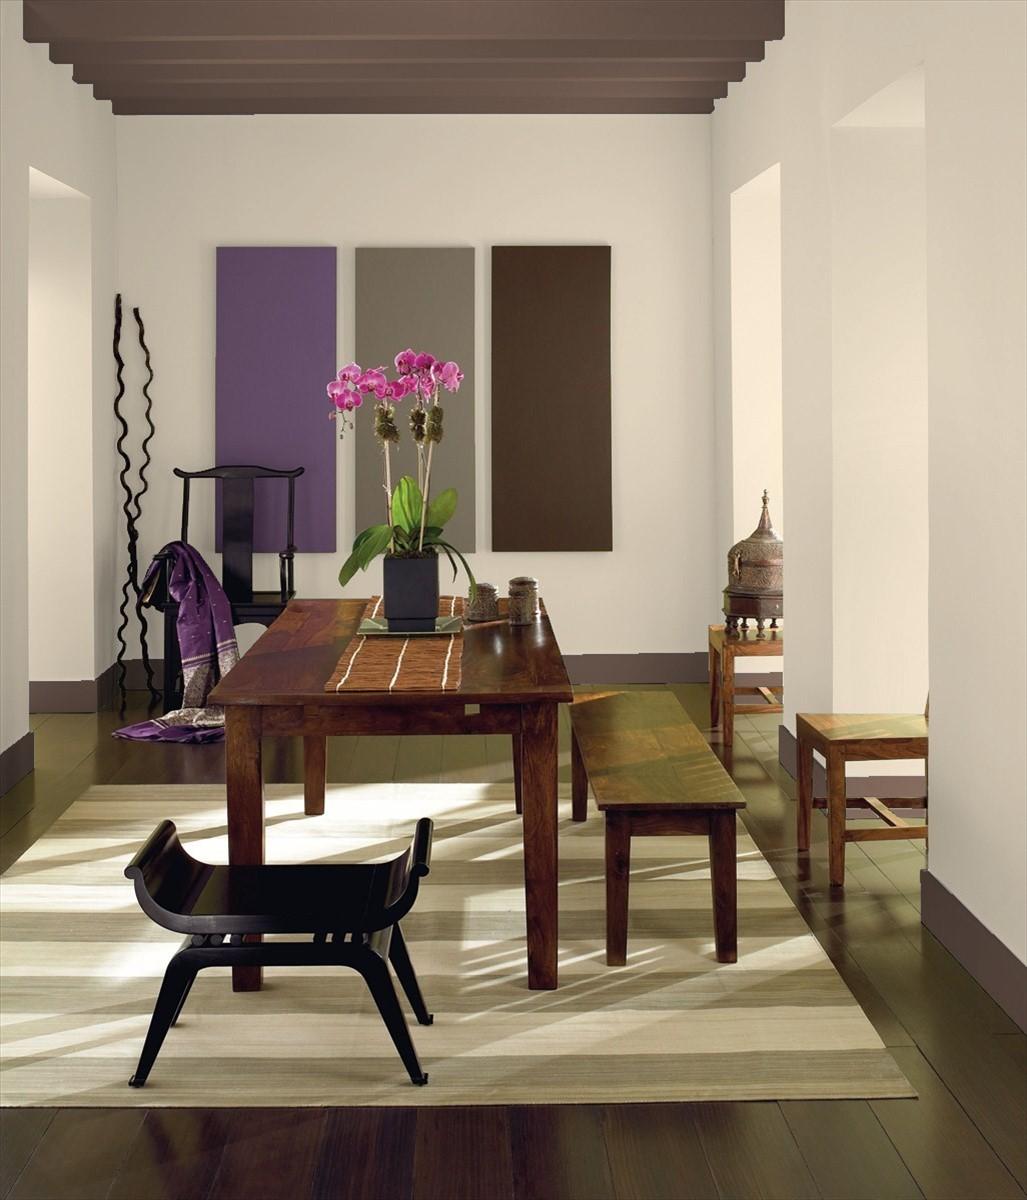 Dining Room painted in Benjamin Moore's Muslin